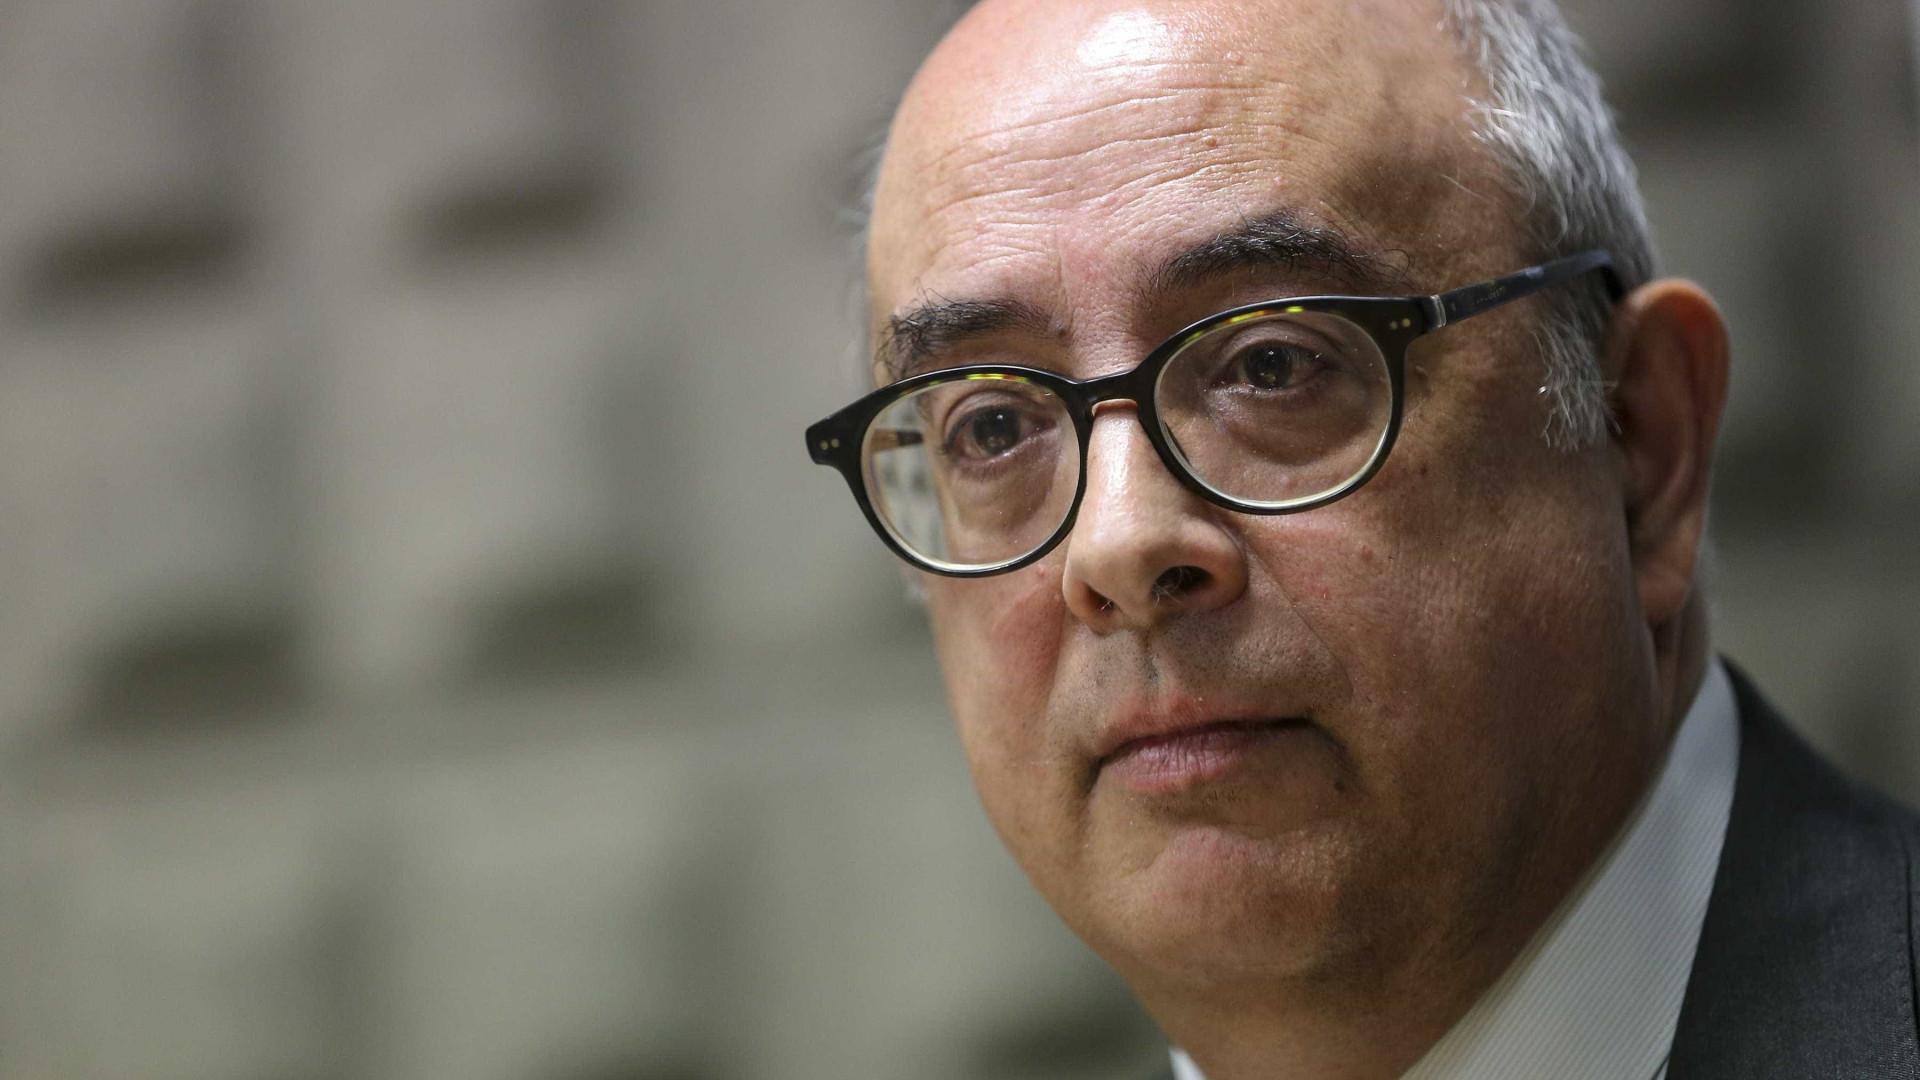 Tancos: Azeredo Lopes sem certeza se foi recuperado todo material militar